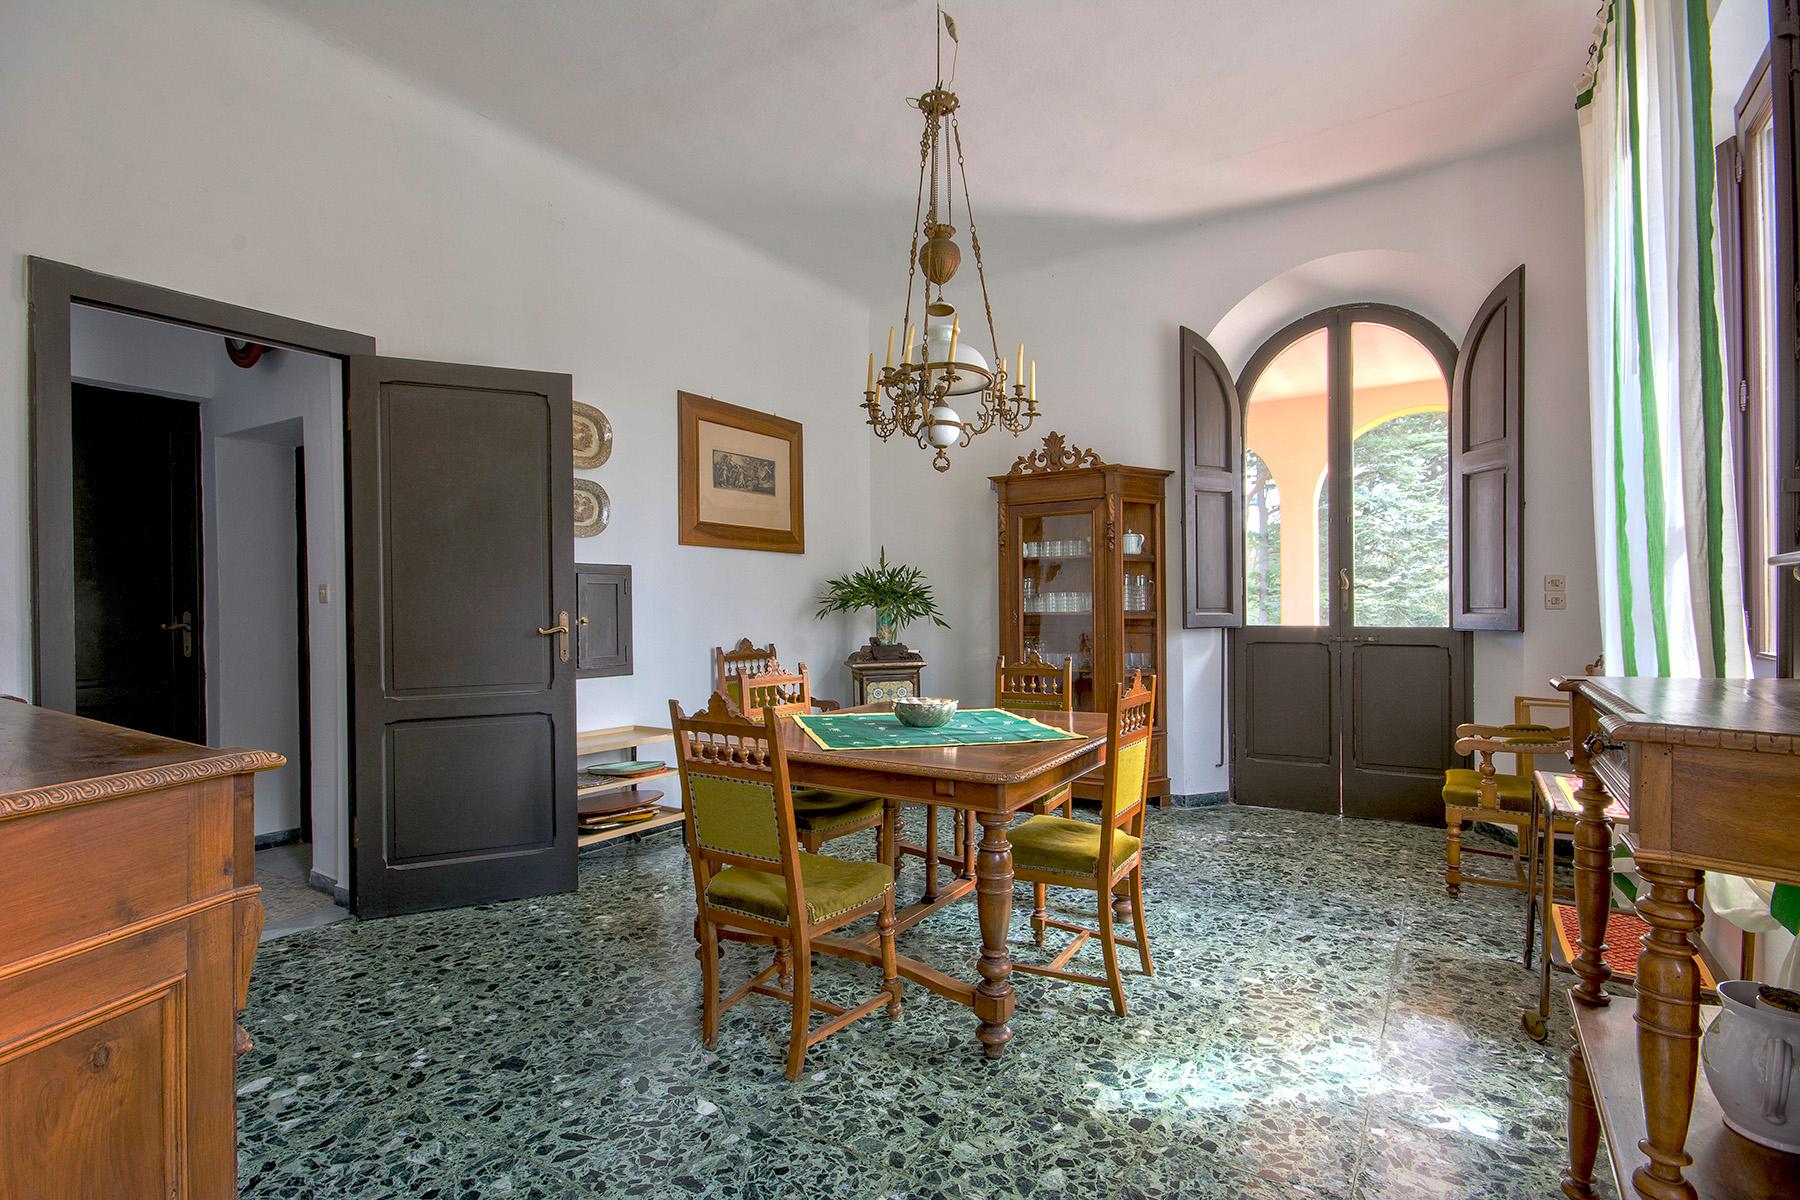 Villa in Vendita a Crespina Lorenzana: 5 locali, 900 mq - Foto 15